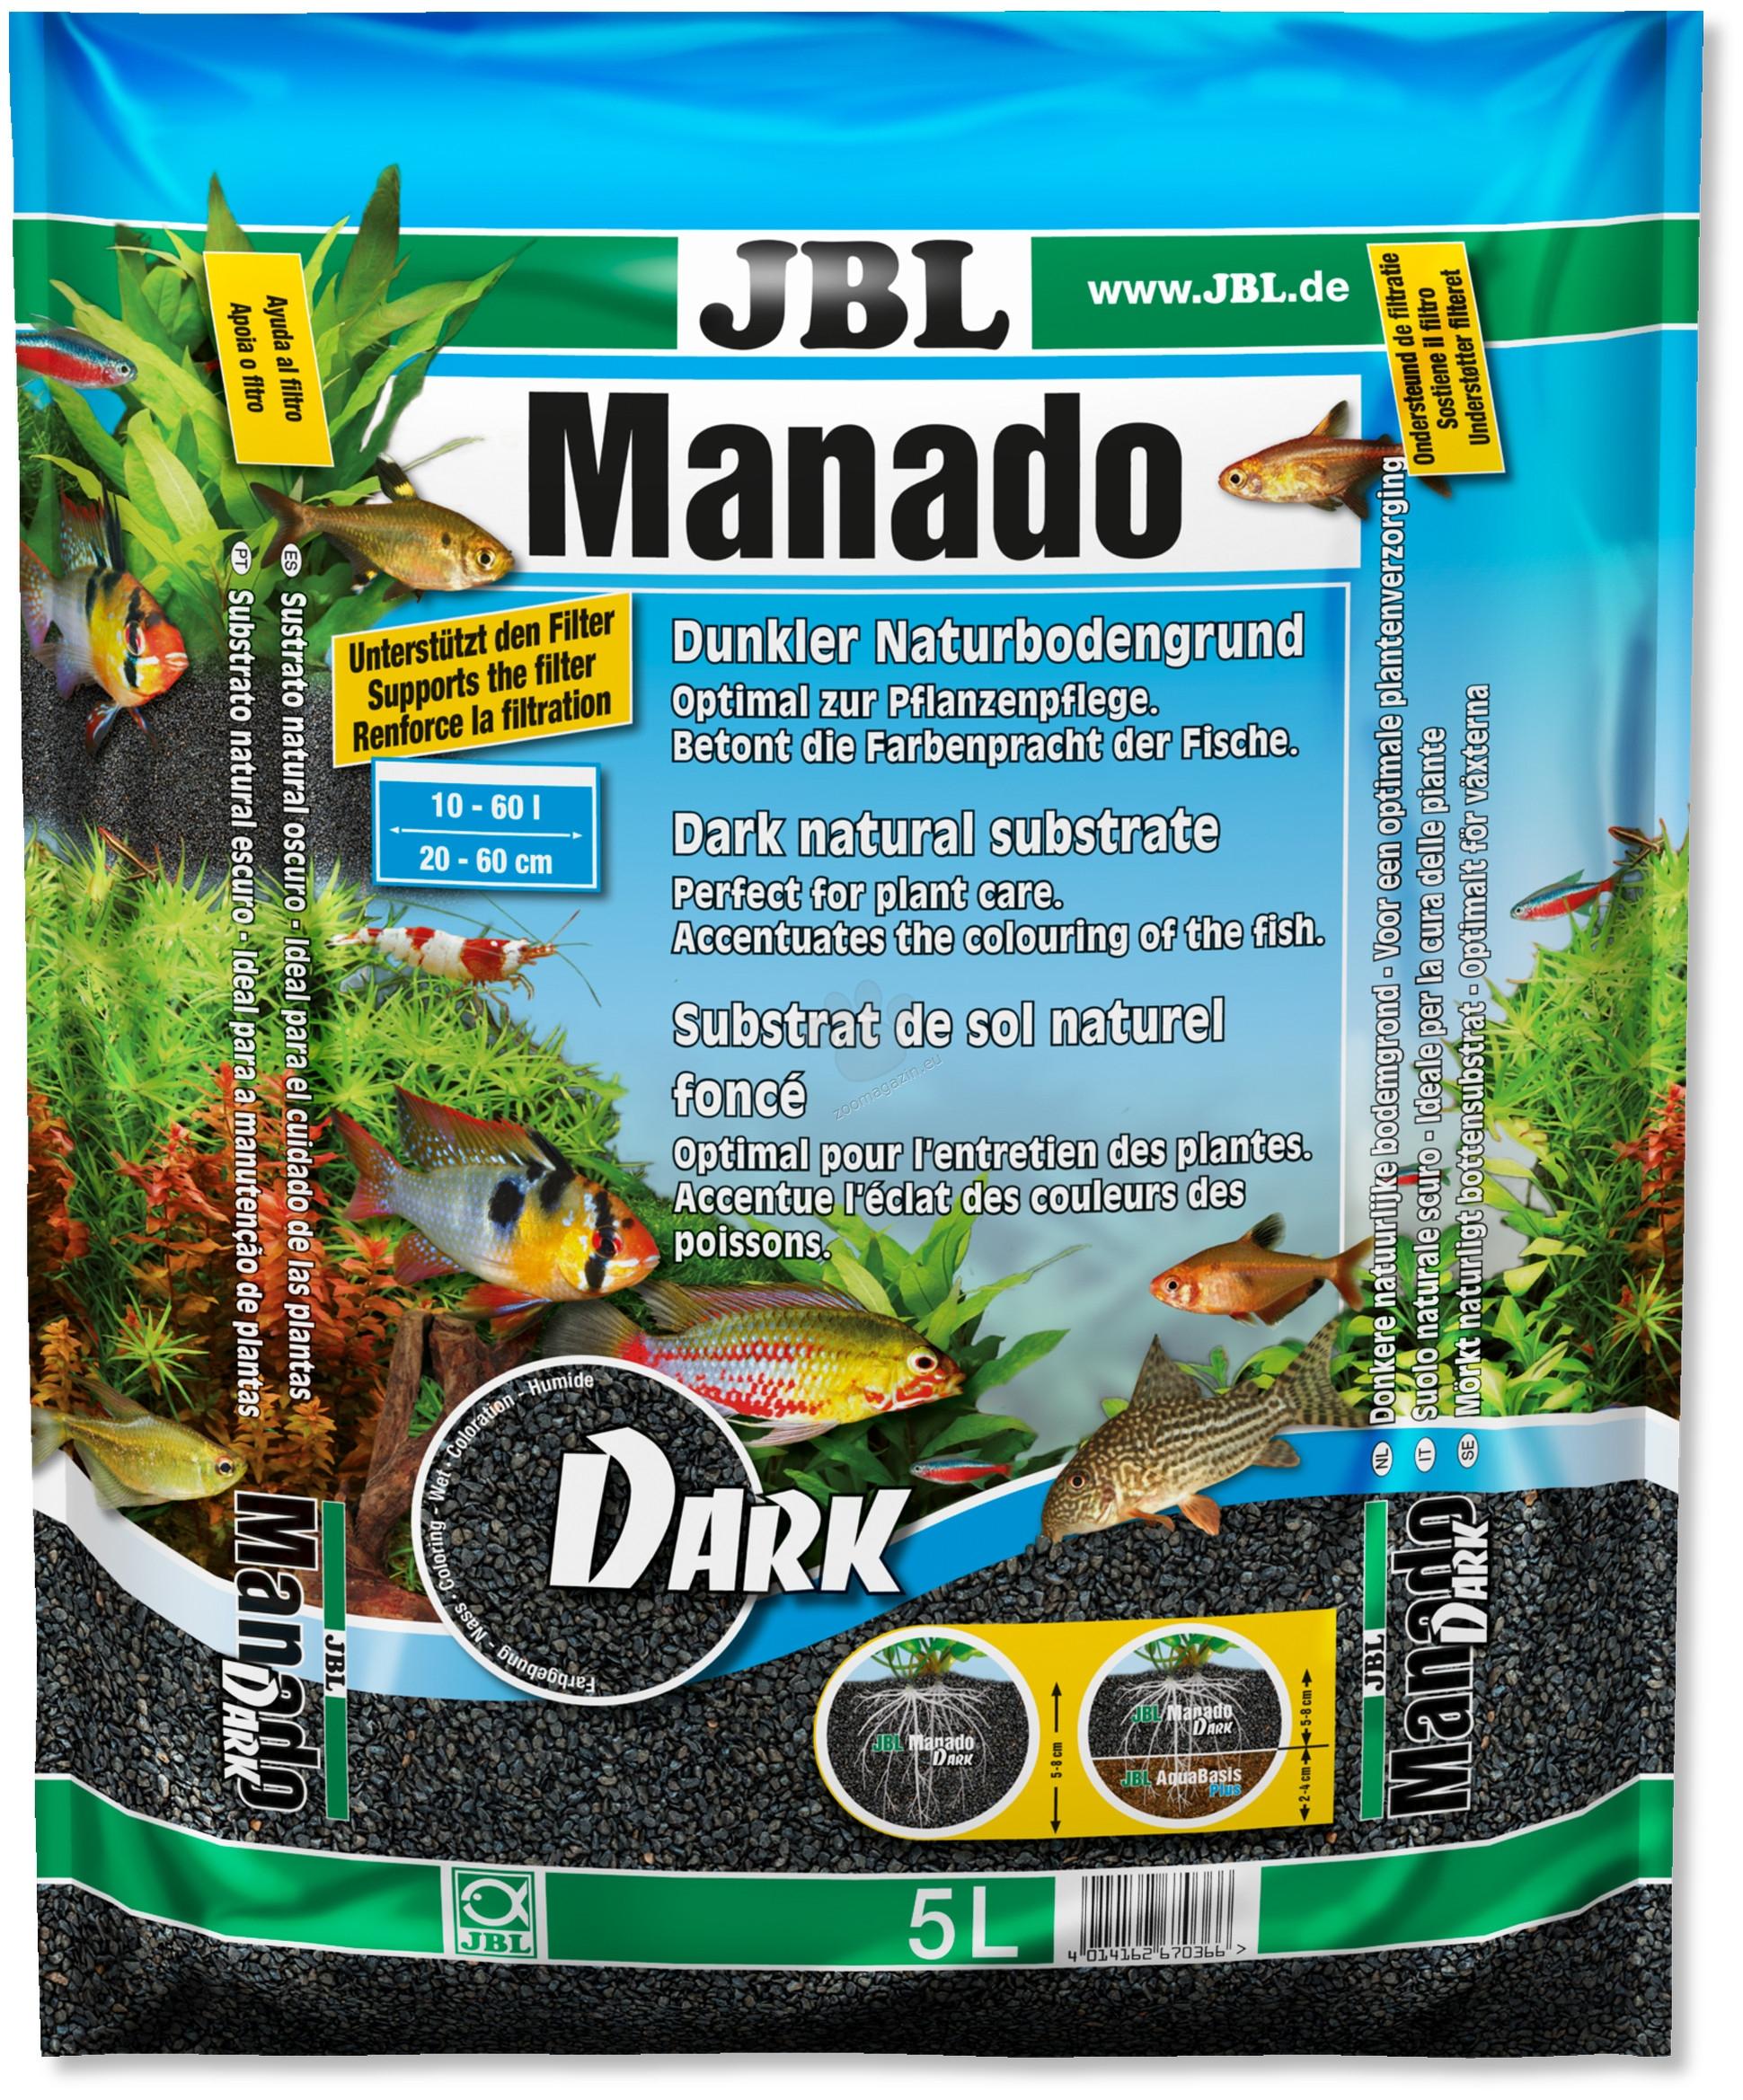 JBL Manado Dark - натурален субстрат за филтрация на водата и подхранване растежа на растенията в аквариума 10 литра